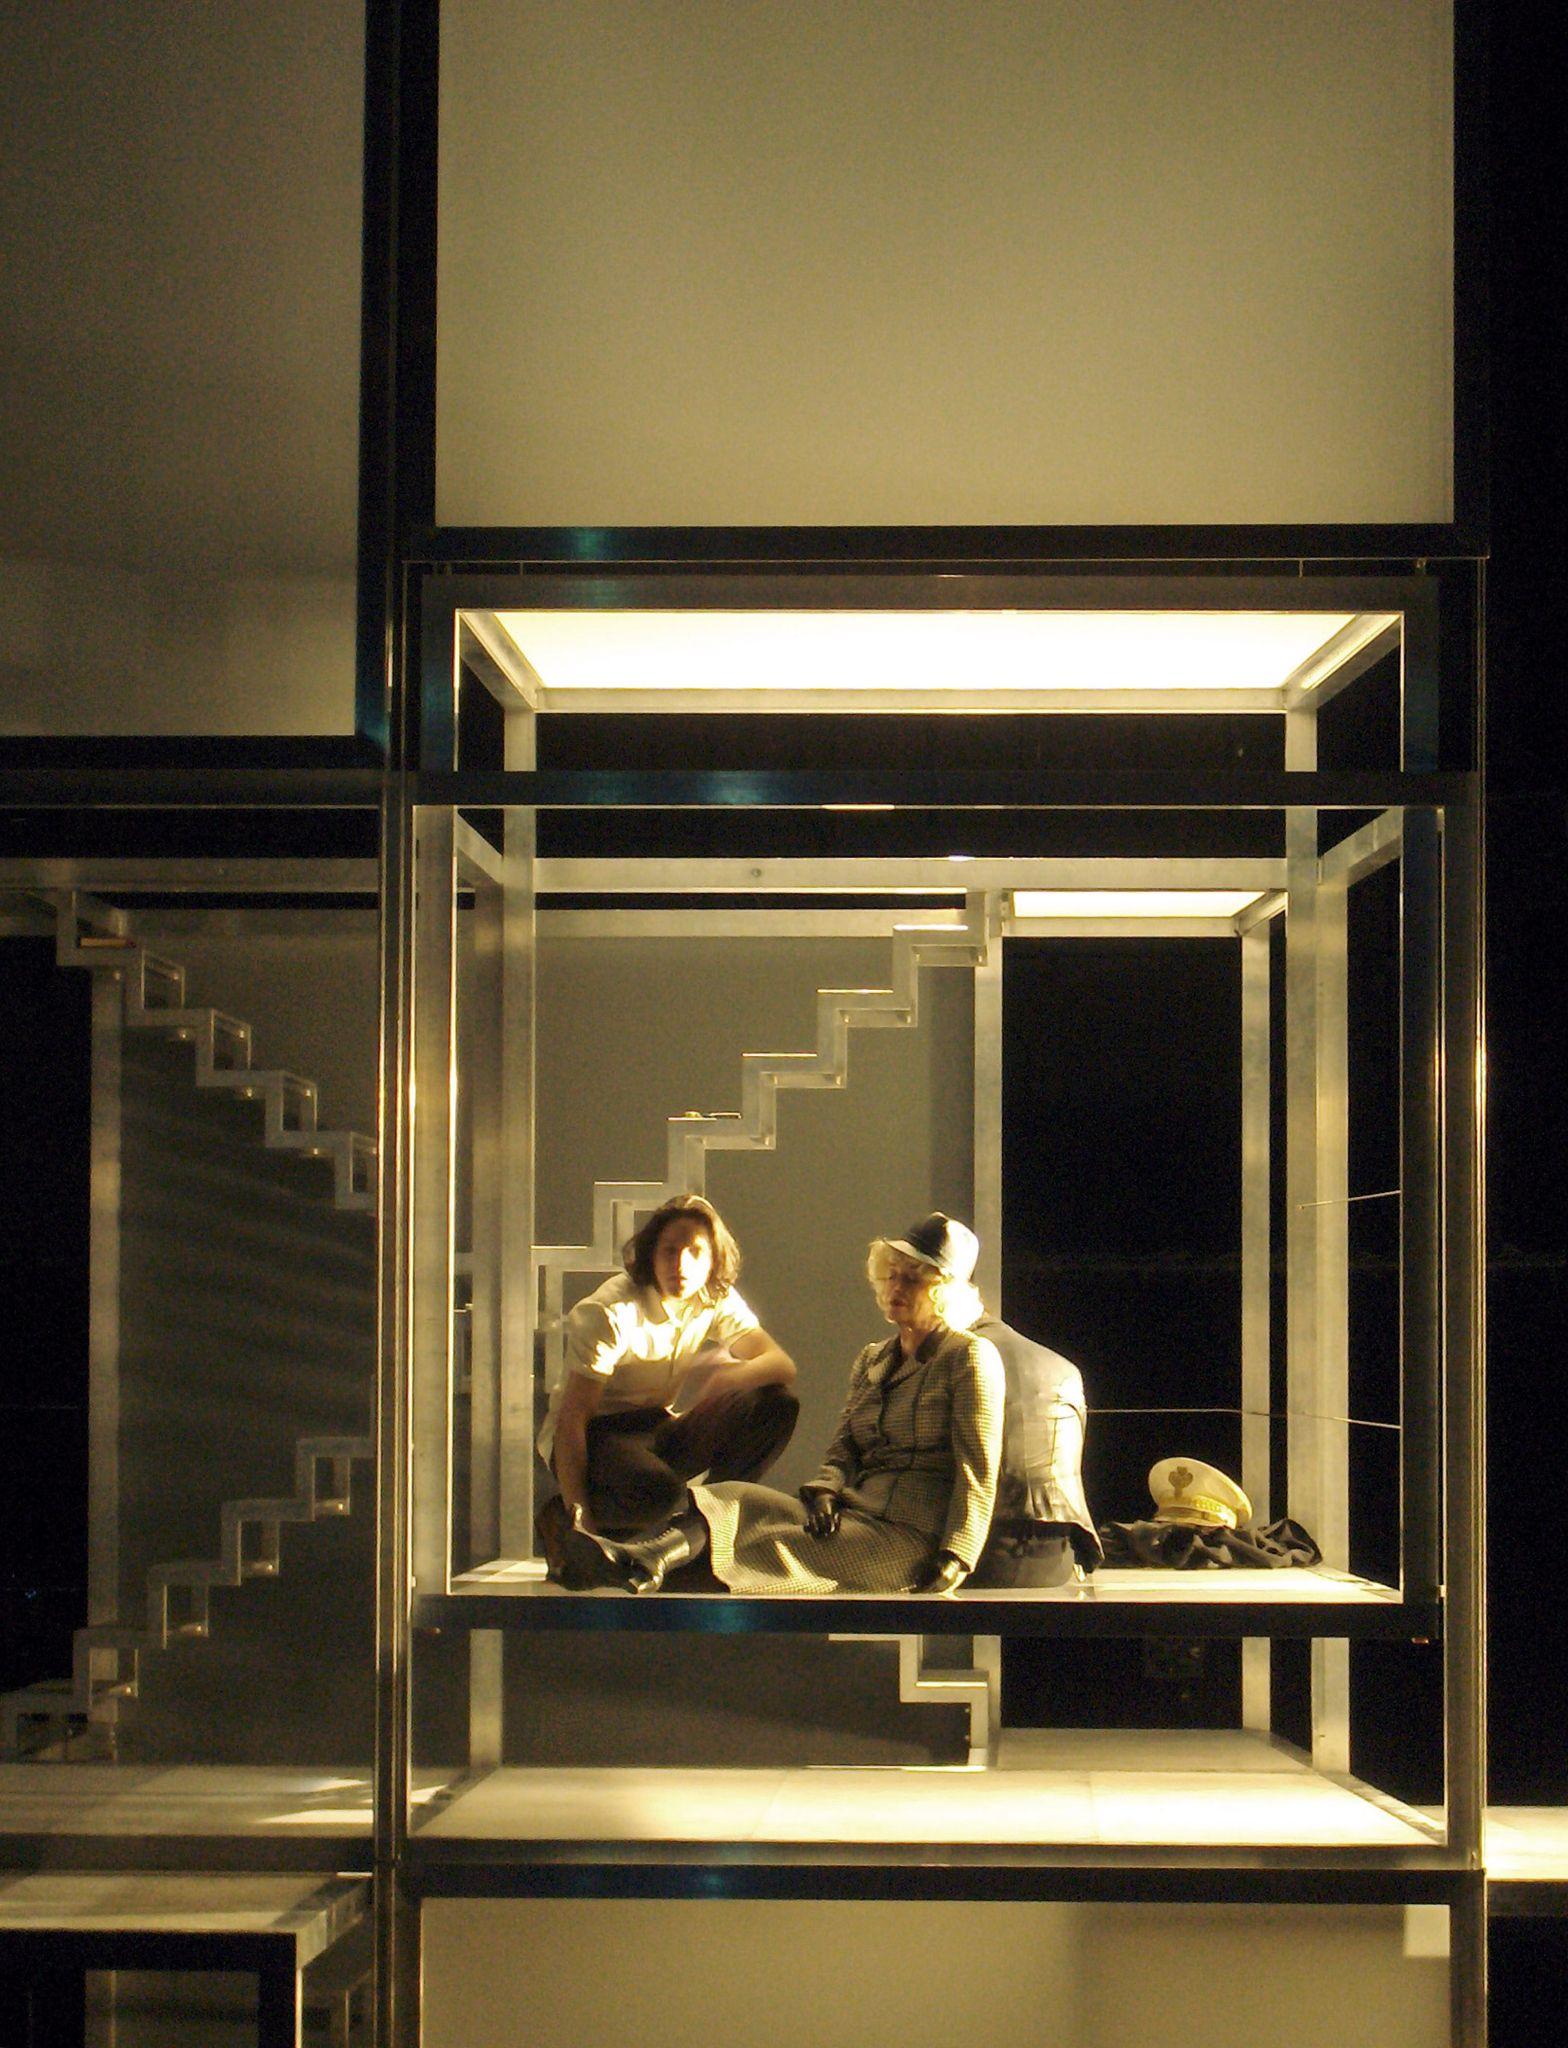 Mephisto, rien qu'un acteur, set design Anna Popek, dir. A. Bisang, La Comédie de Genève, 2006